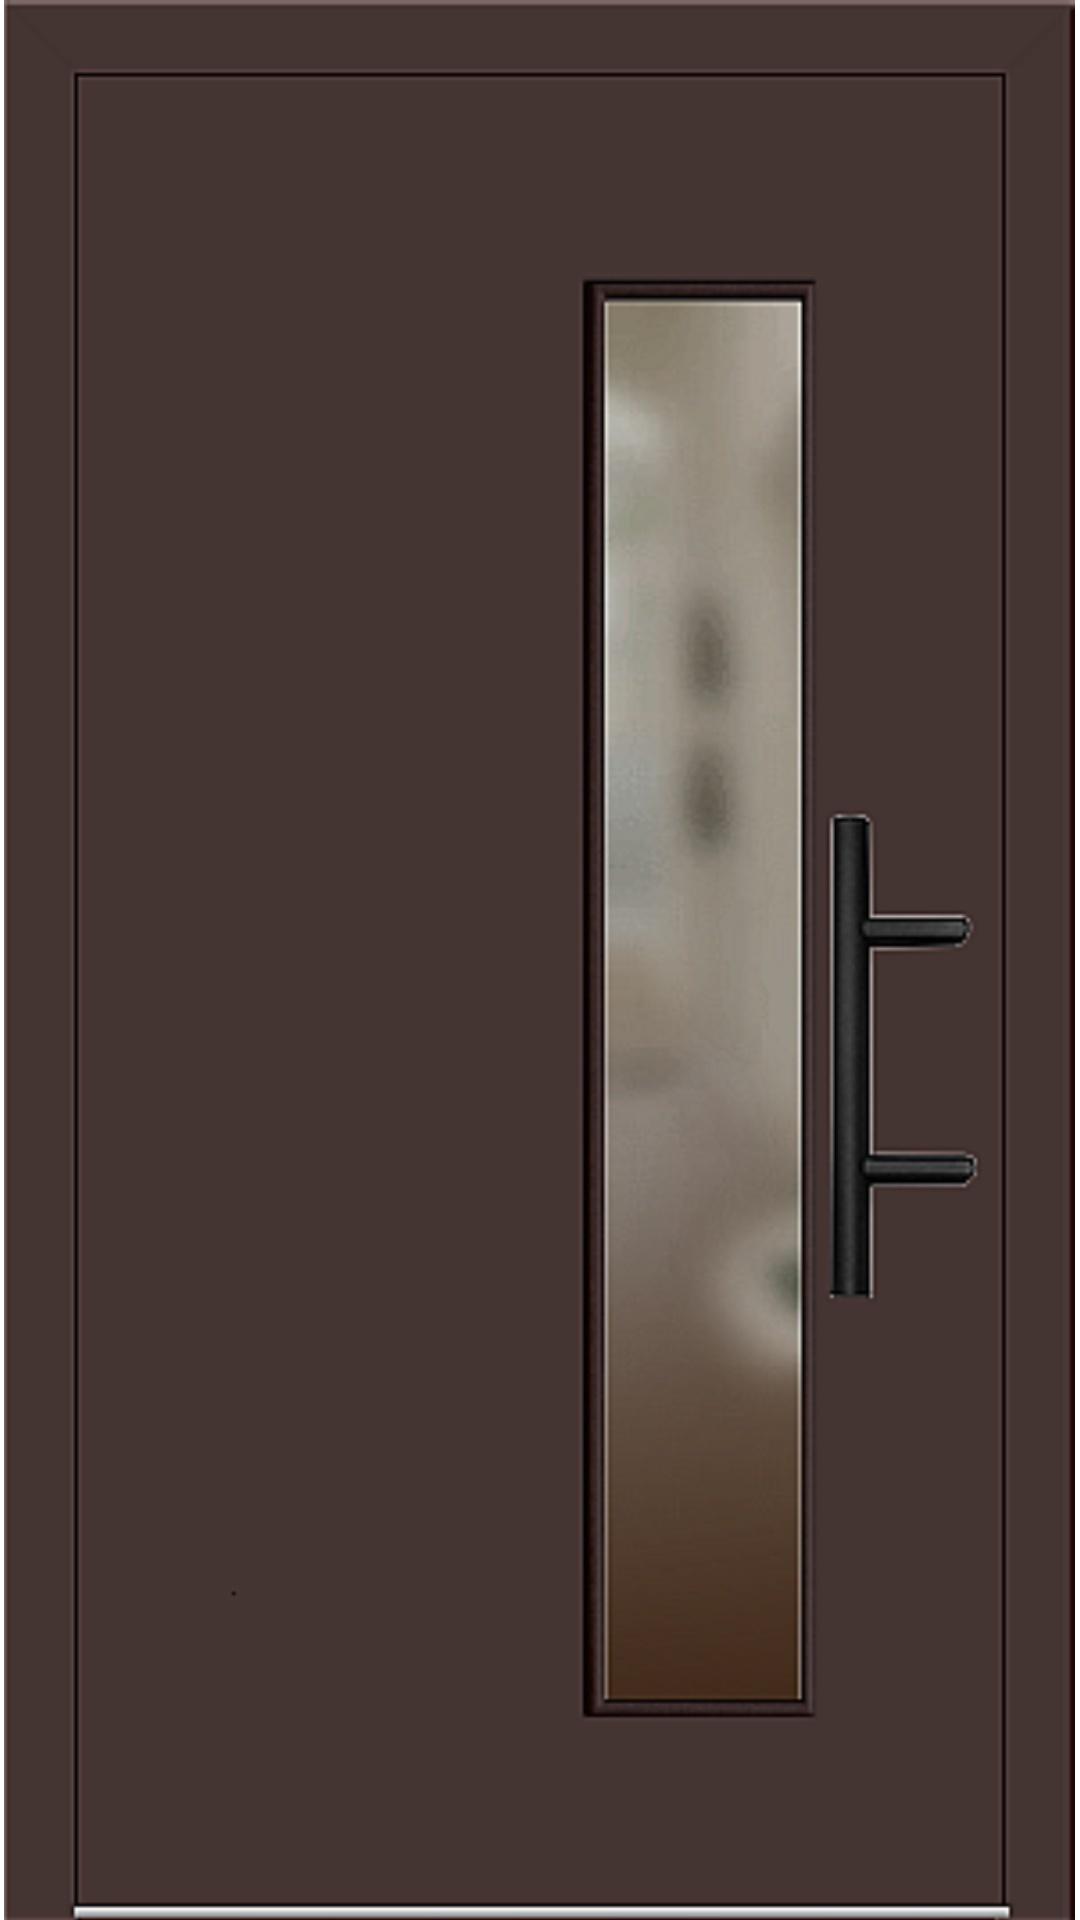 Holz Haustür Modell 8070 mahagonibraun